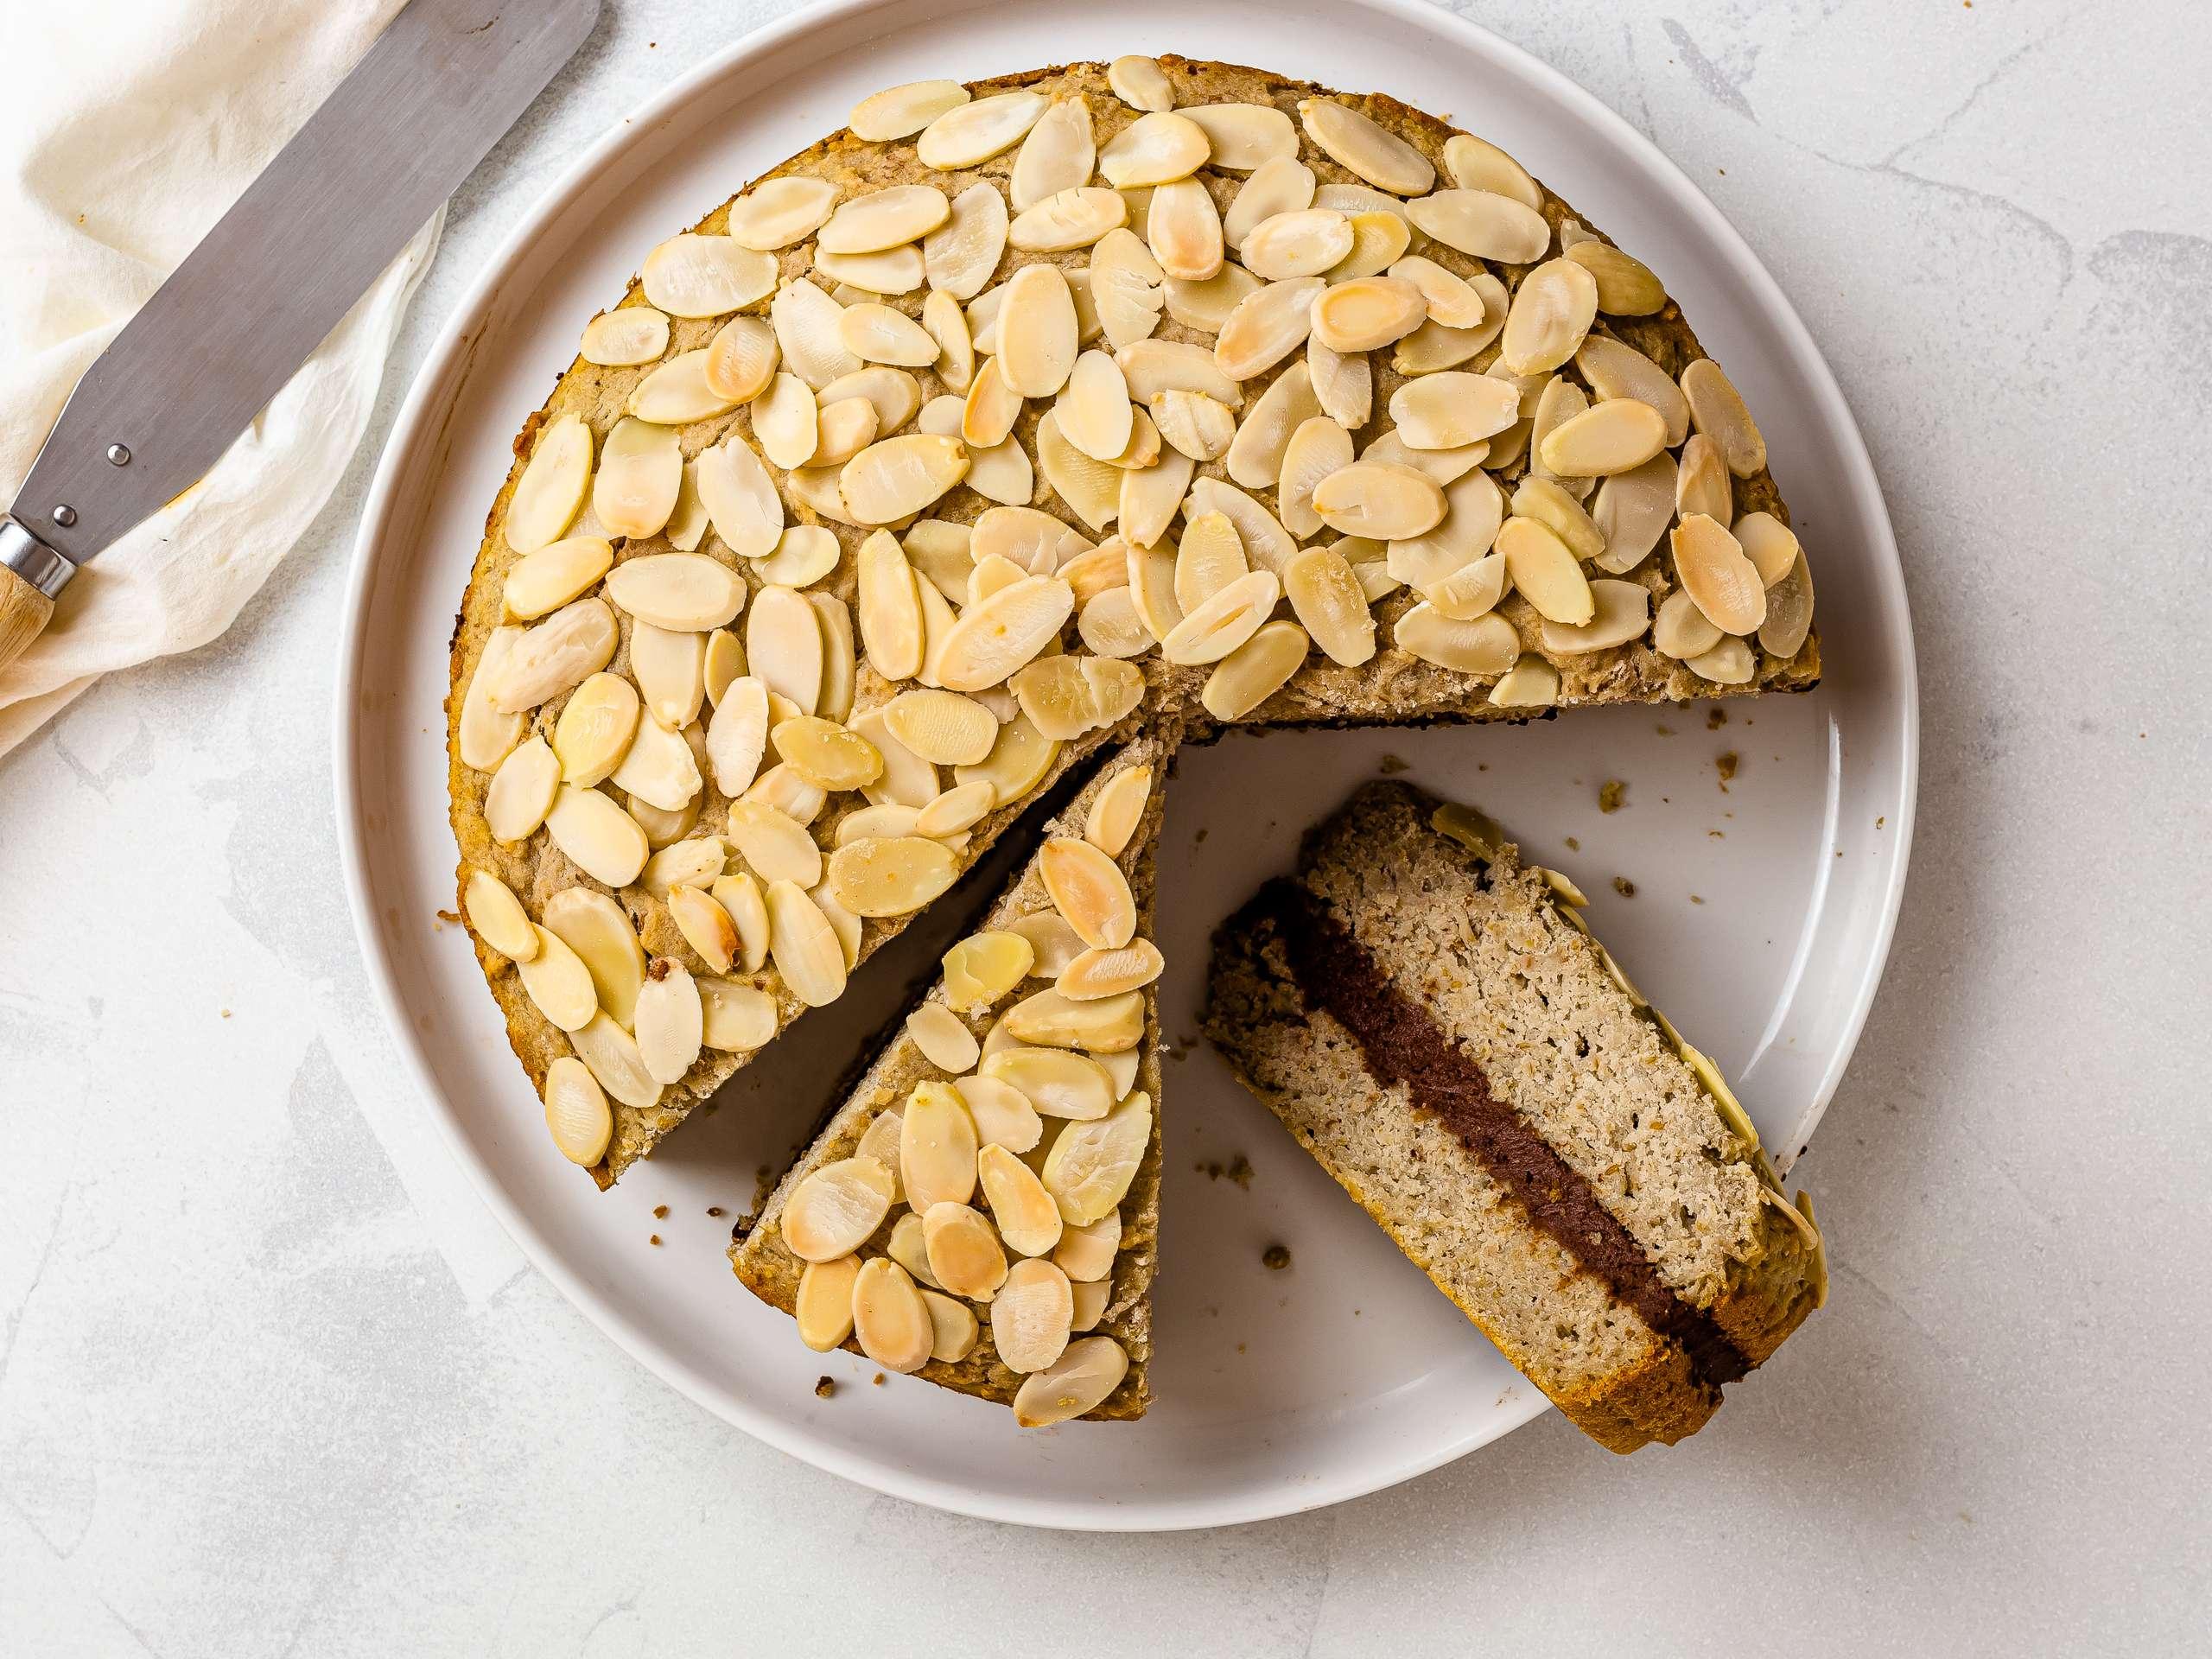 Gluten-Free Almond Cake (Vegan, Sugar-Free)